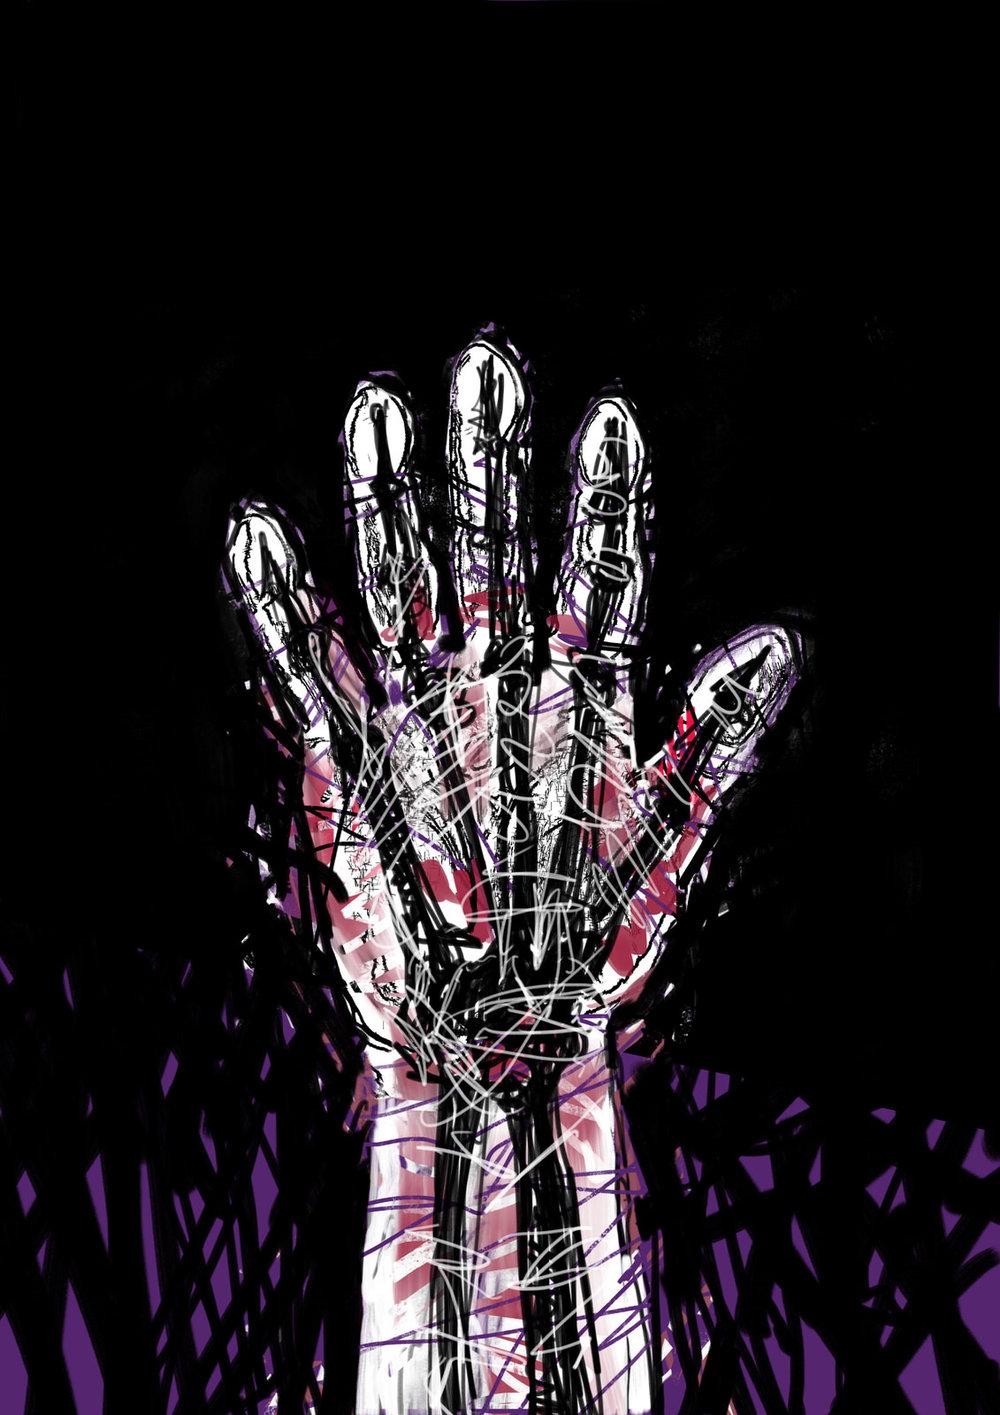 White Hand OPT.jpg